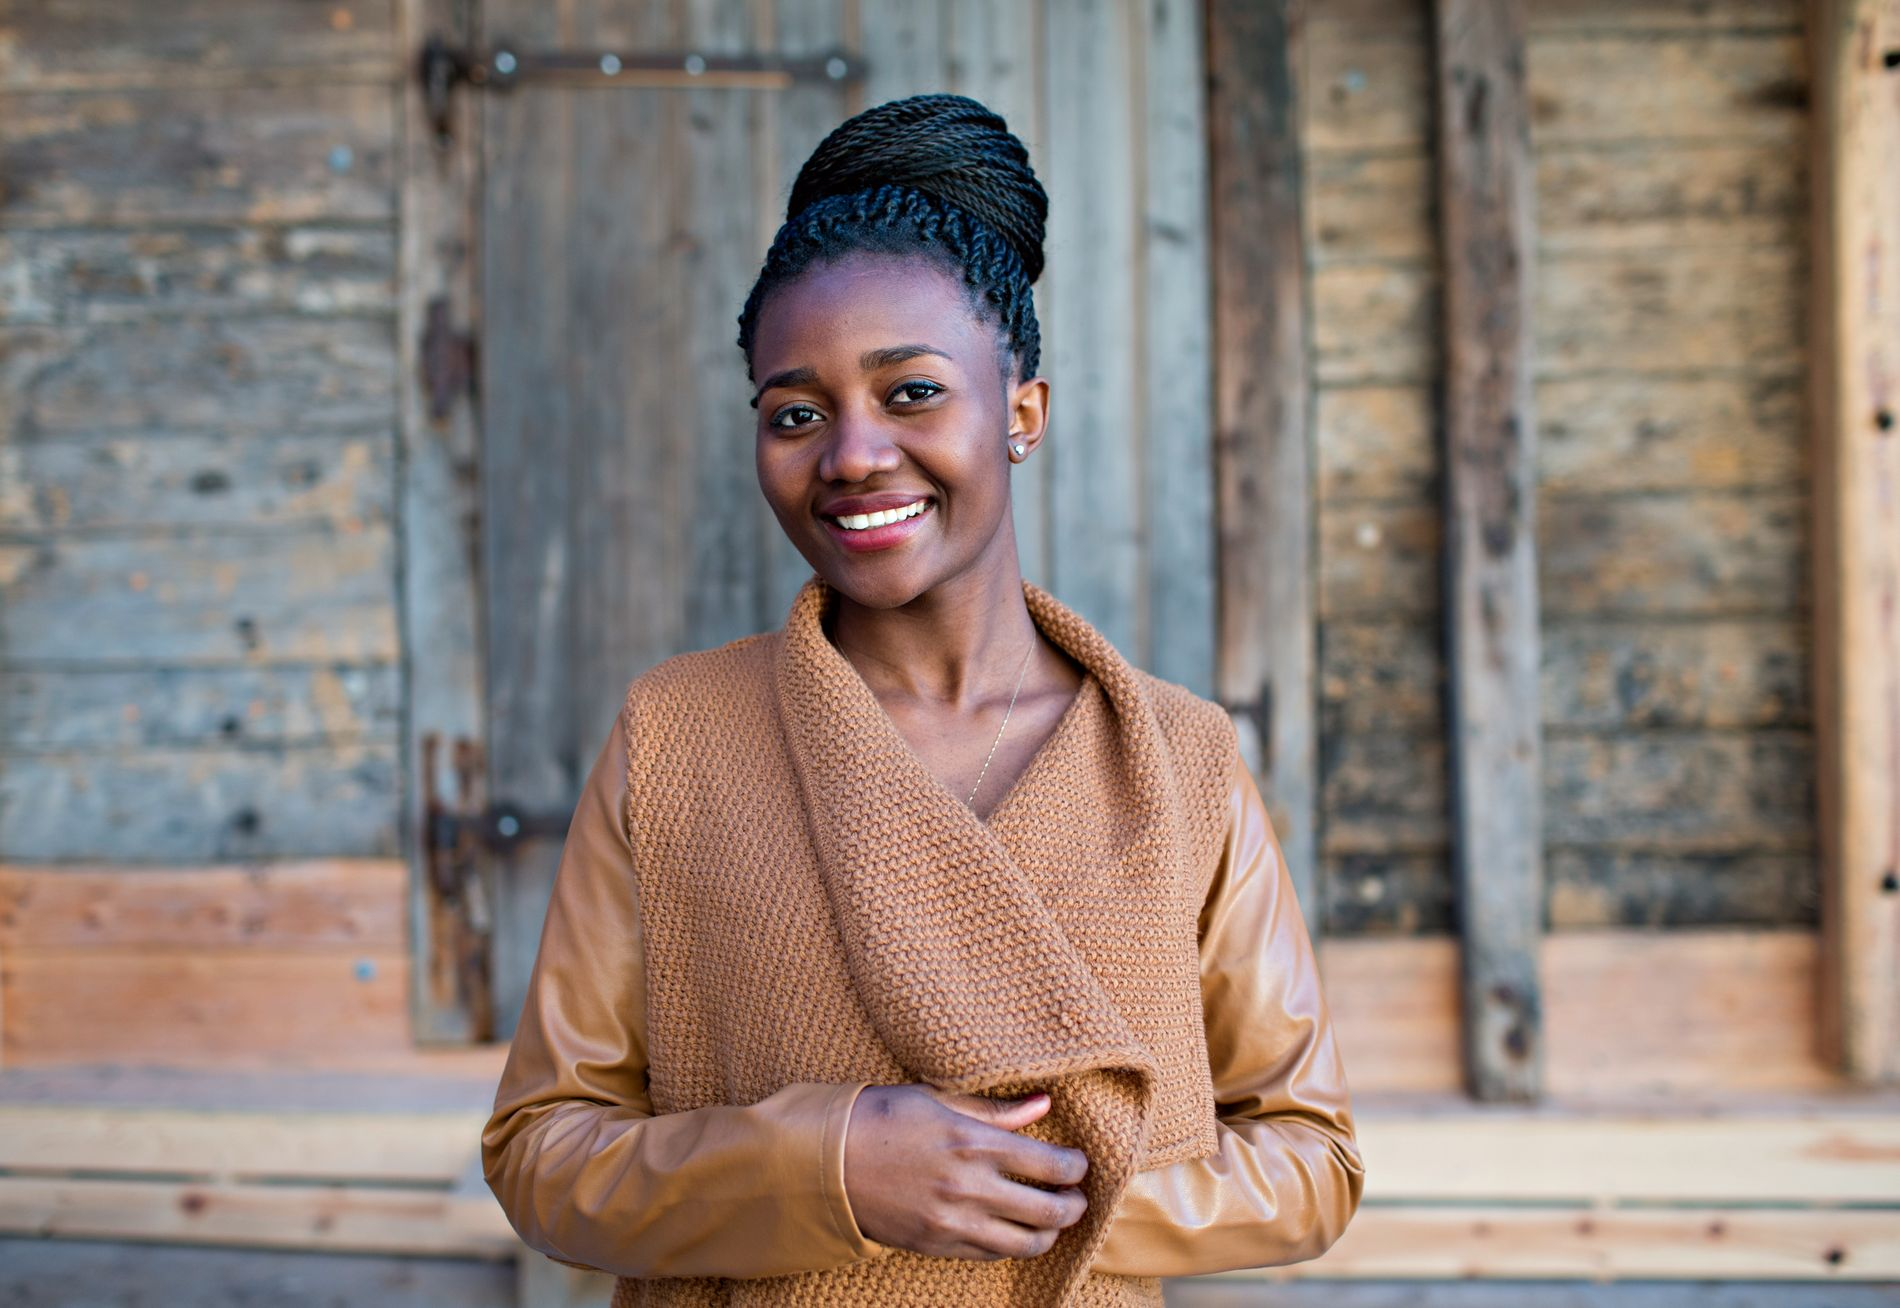 I NORD OG SØR: Før kom de minst likte menneskene fra nord, nå kommer de fra sør. Men hvor kommer de fra i fremtiden, spør Irene Kinunda i denne kommentaren.